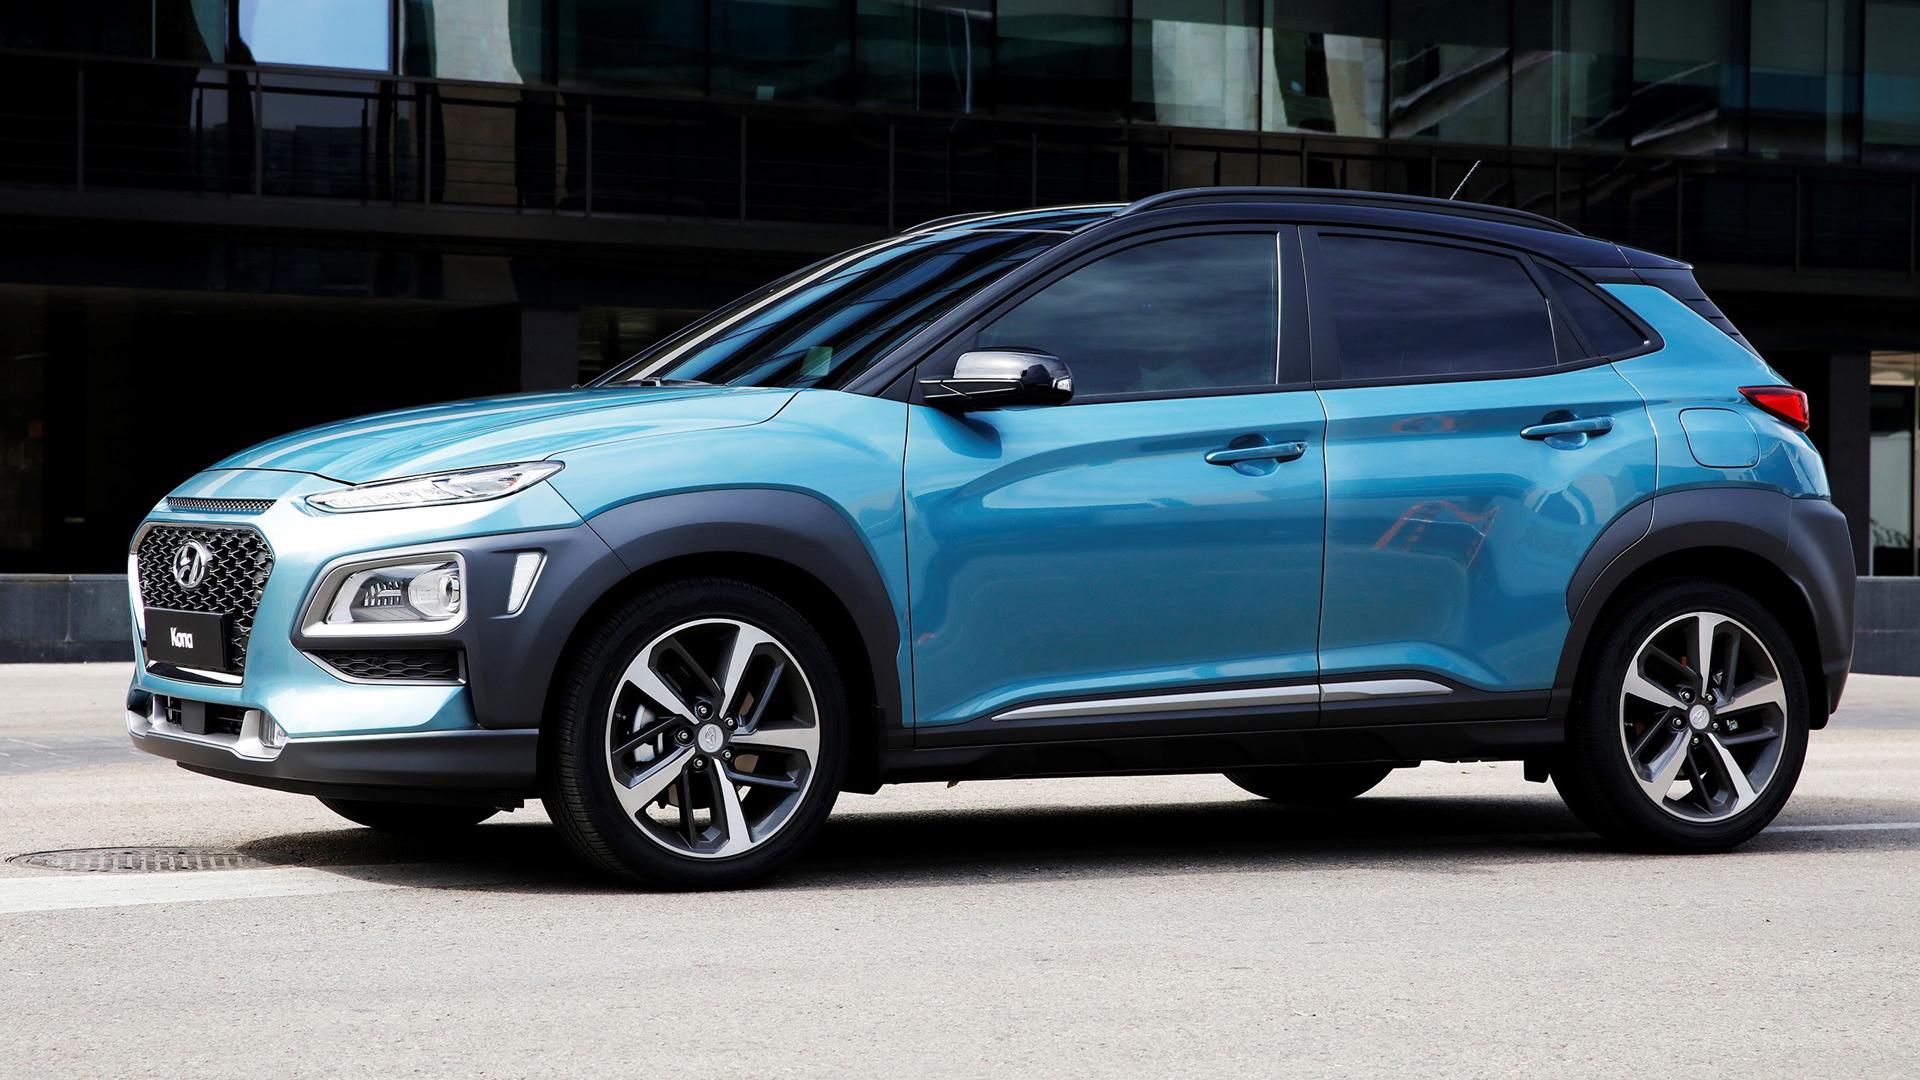 2018 Hyundai Kona46424899-159532